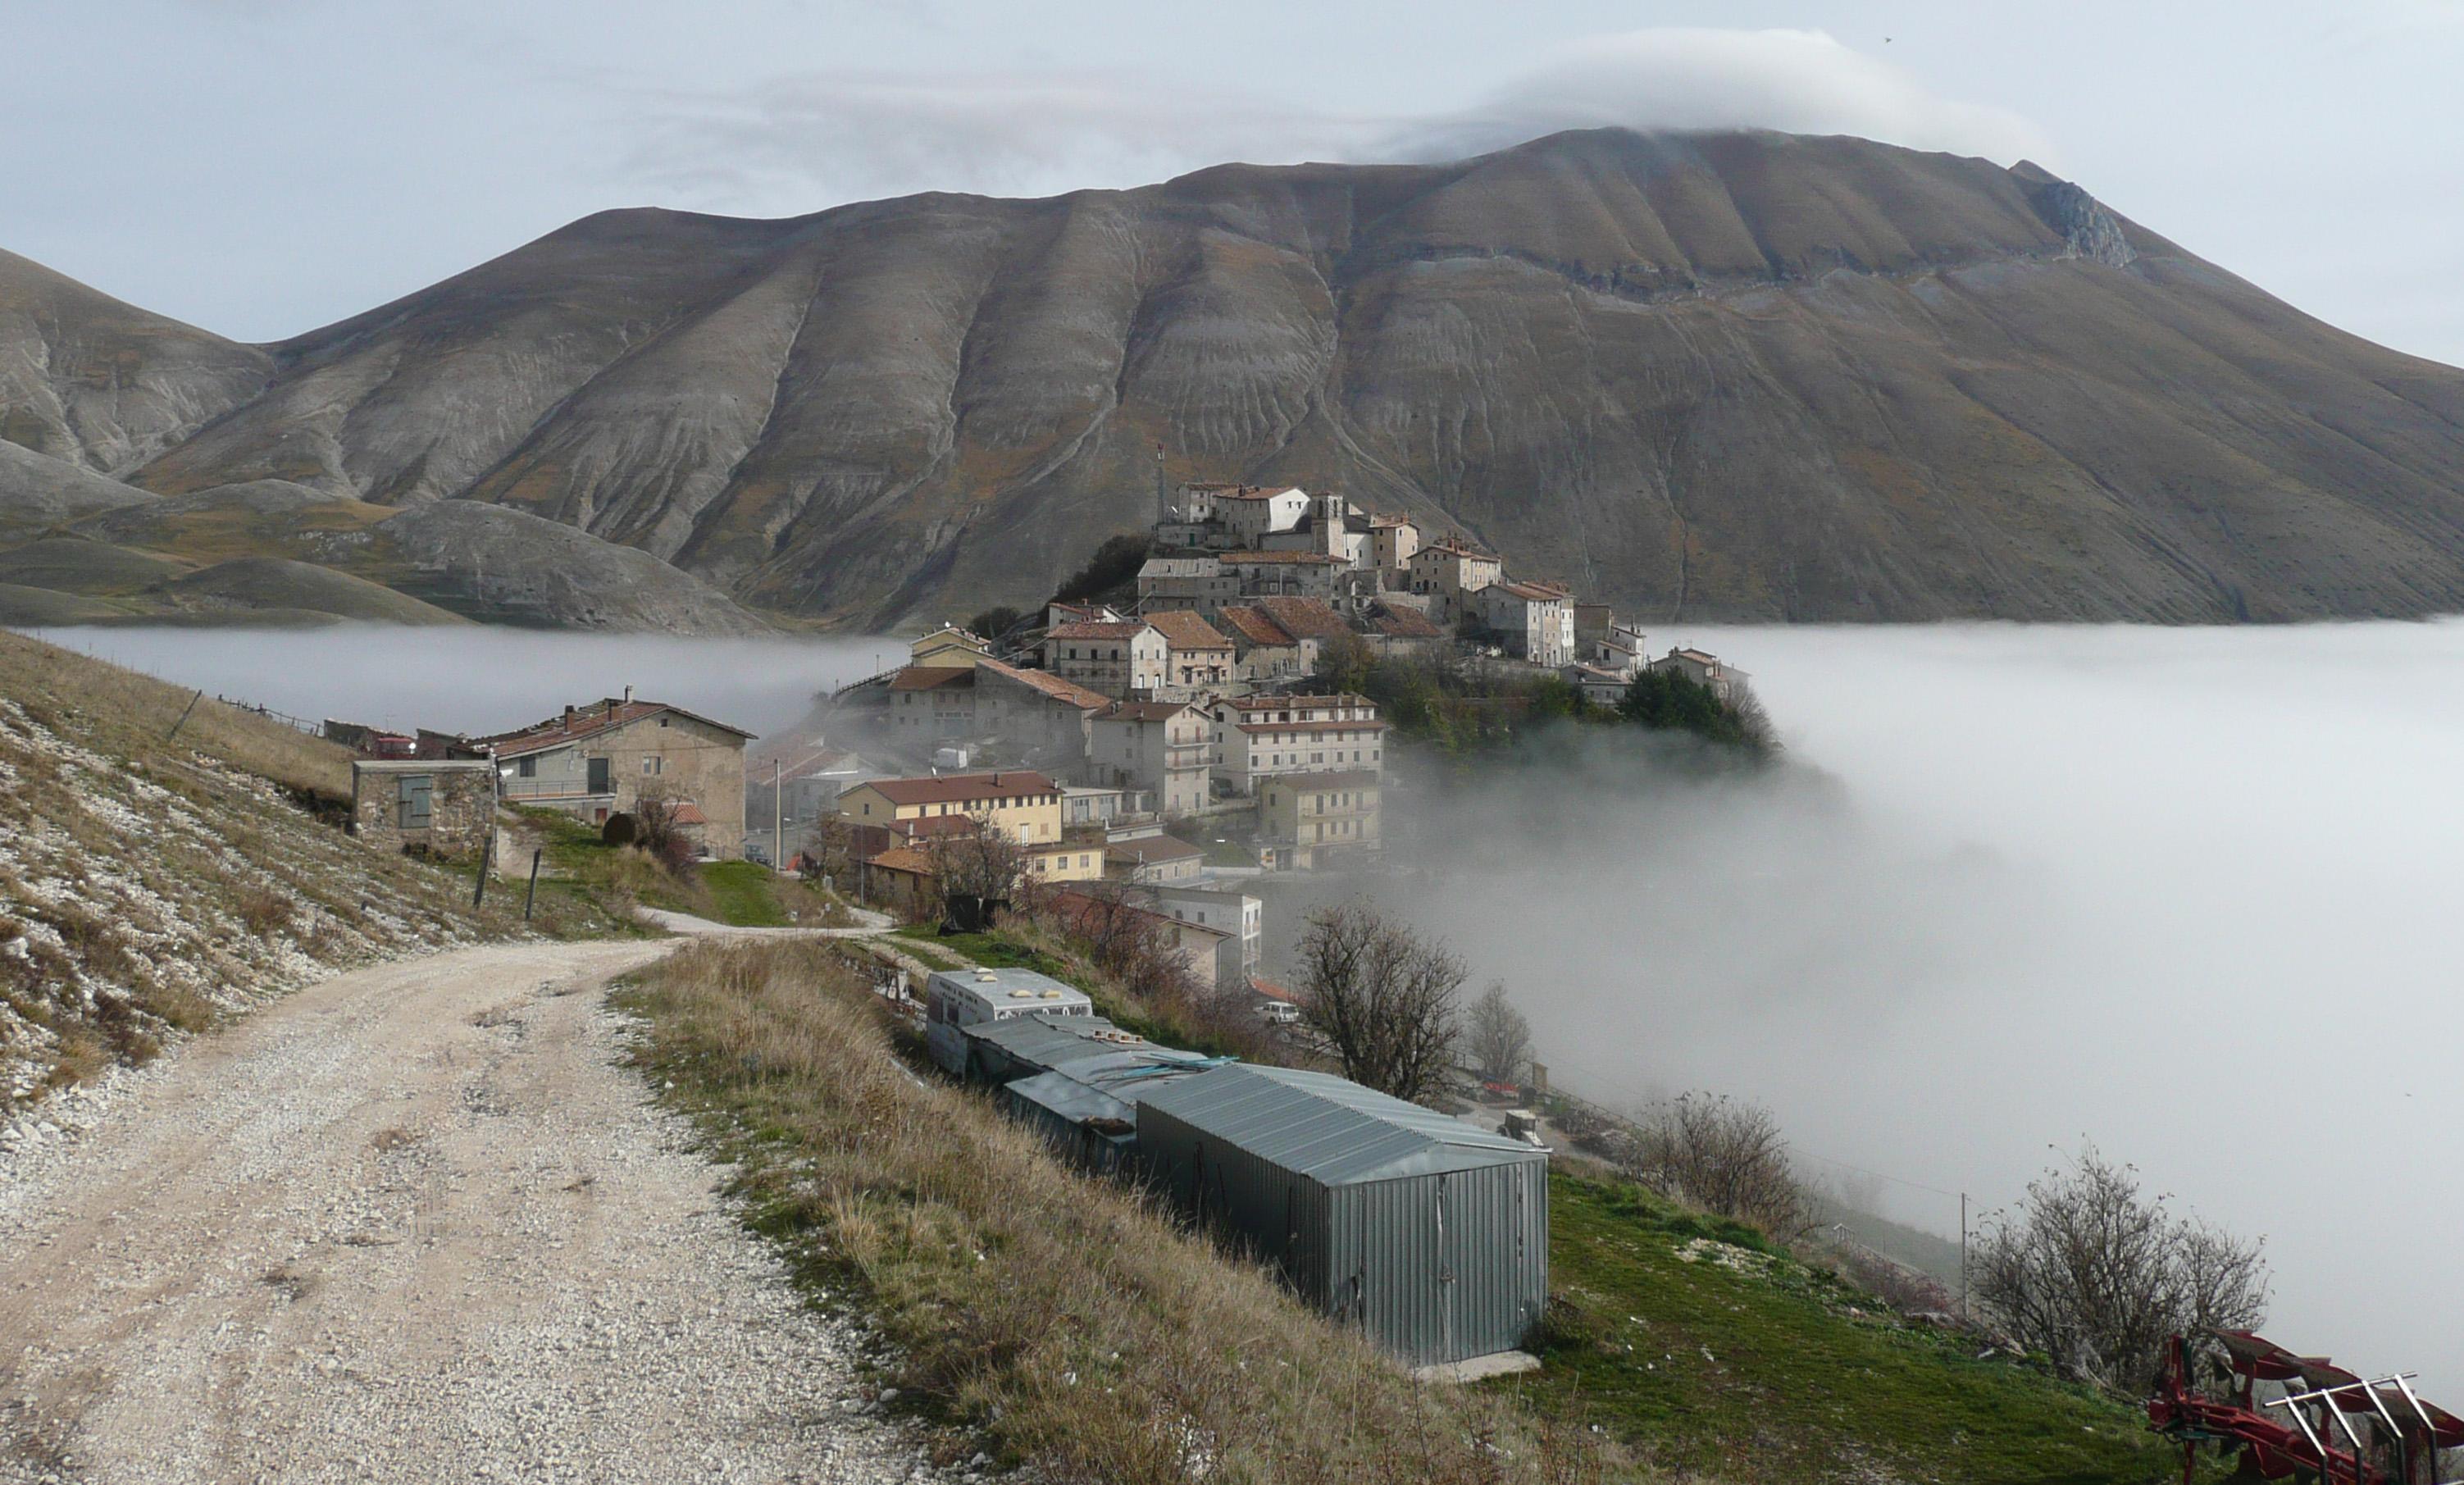 Sibillini: Castelluccio Monte Vettore  - © Wikimedia user Chin tin tin